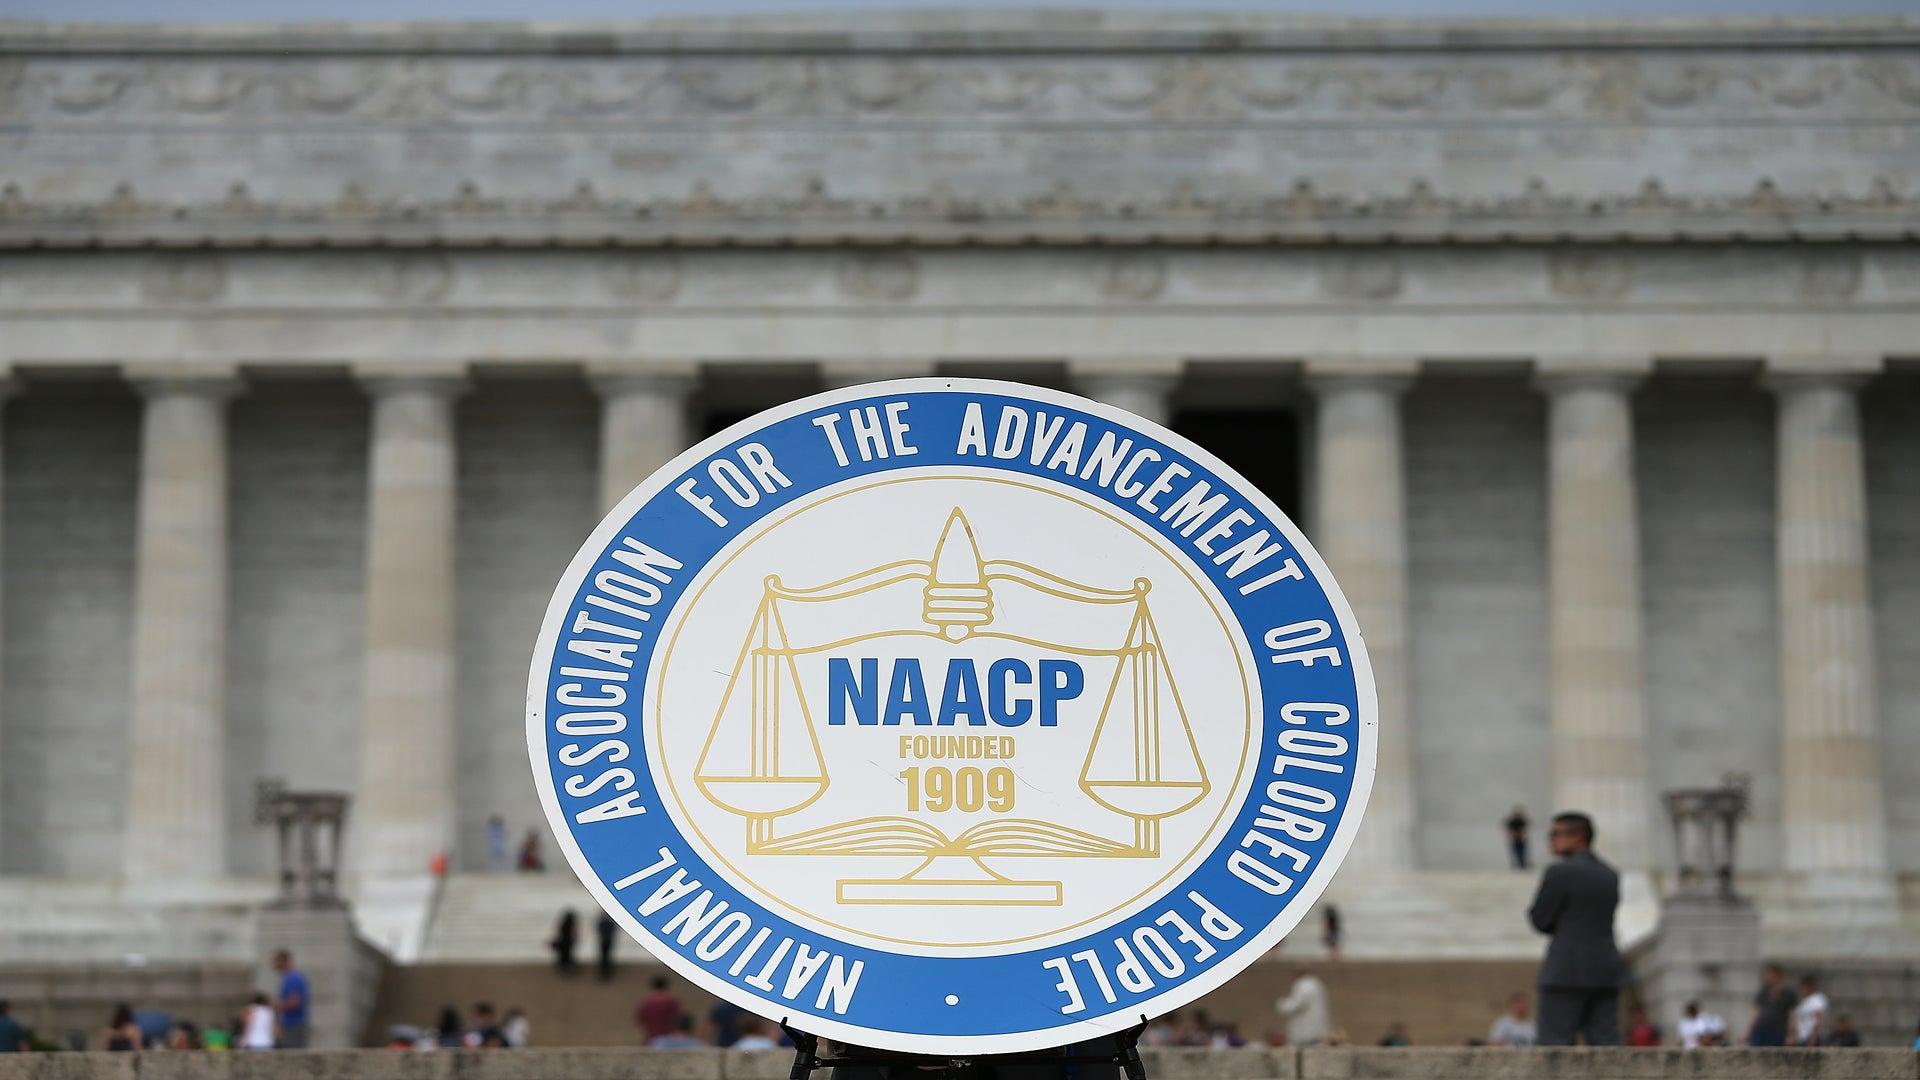 'It Makes No Sense:' April RyanIs Baffled At Trump's Refusal To Address NAACP